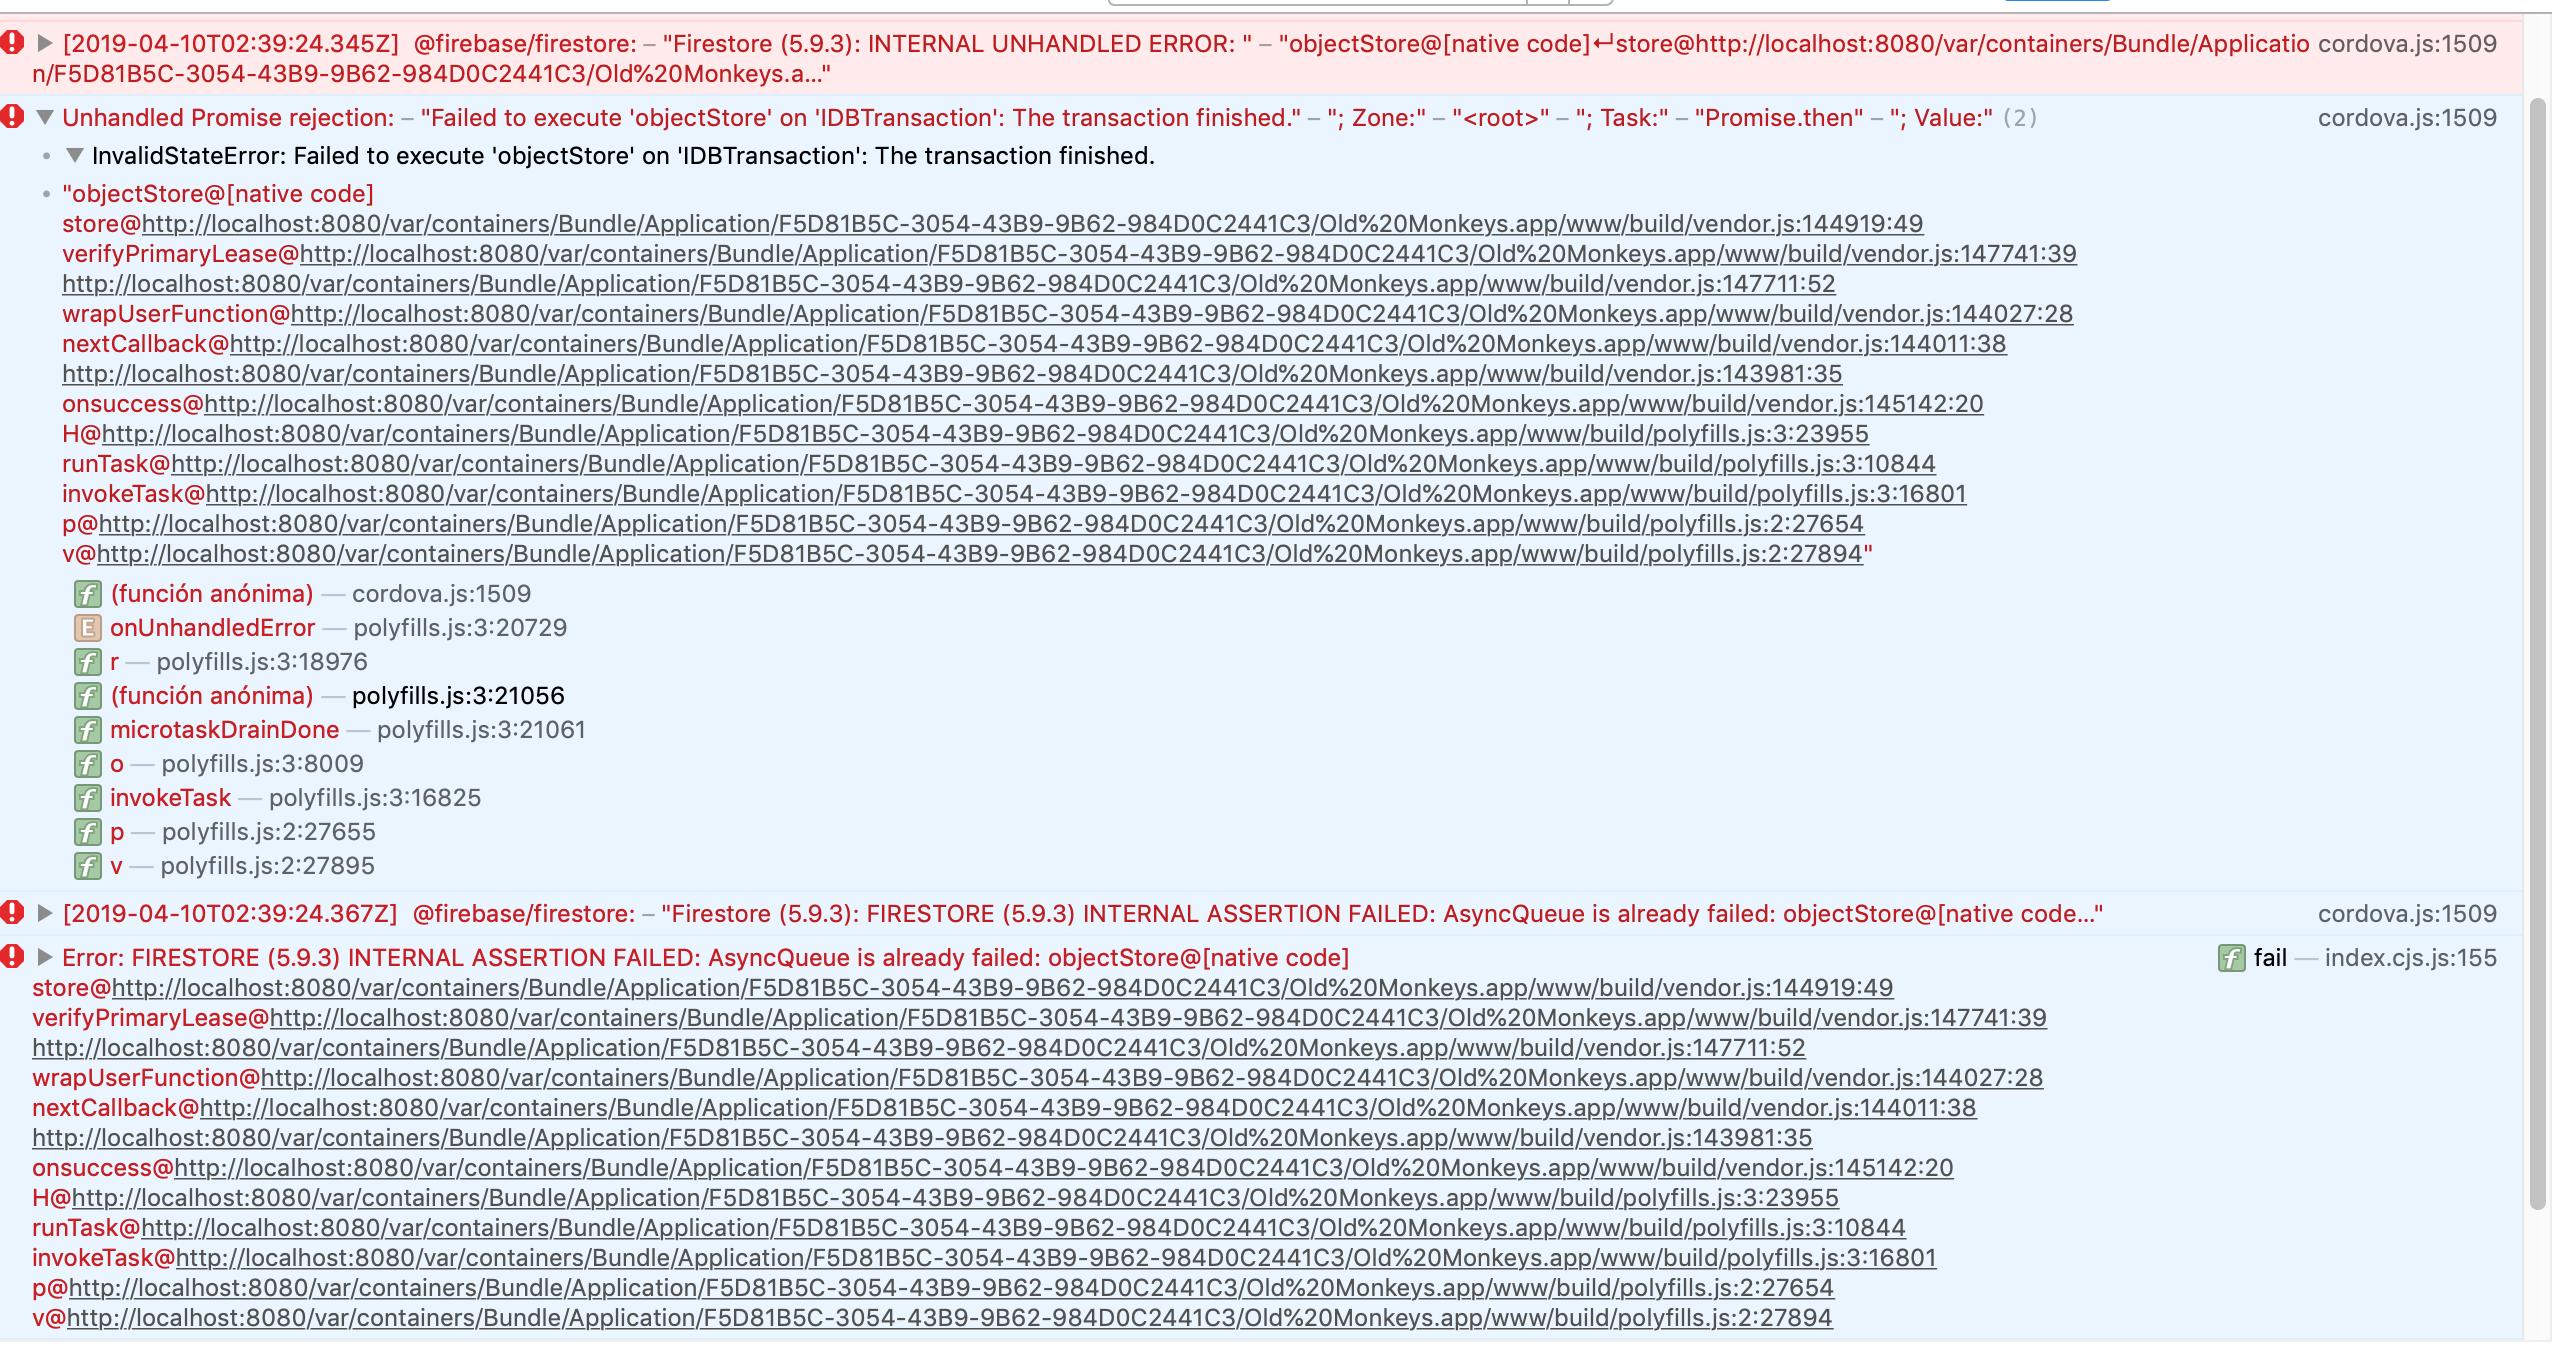 IOS 12 2 - Safari 12 1 - INTERNAL UNHANDLED ERROR:     error